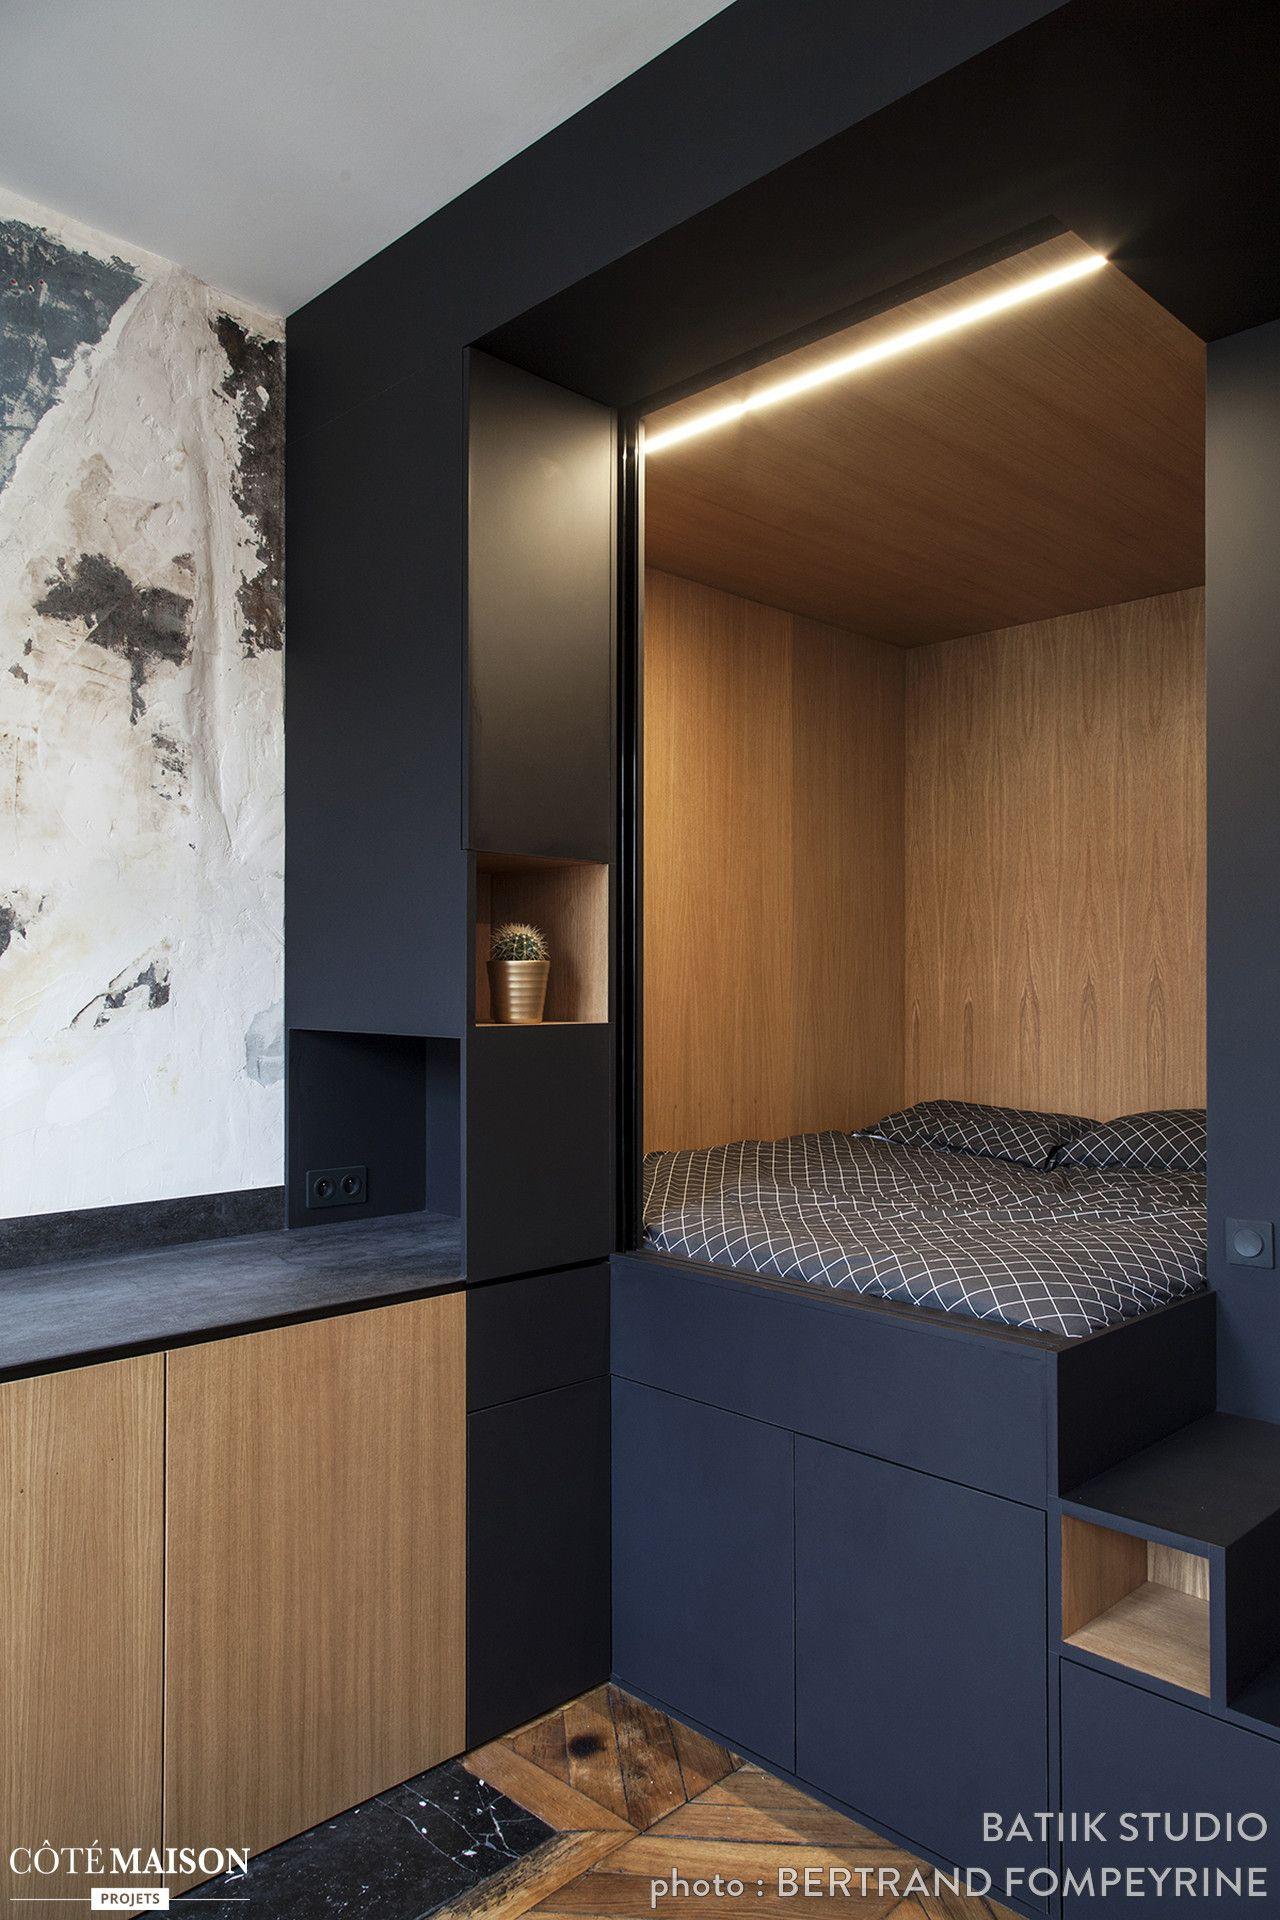 Le cube noir multifonctionnel batiik studio côté maison